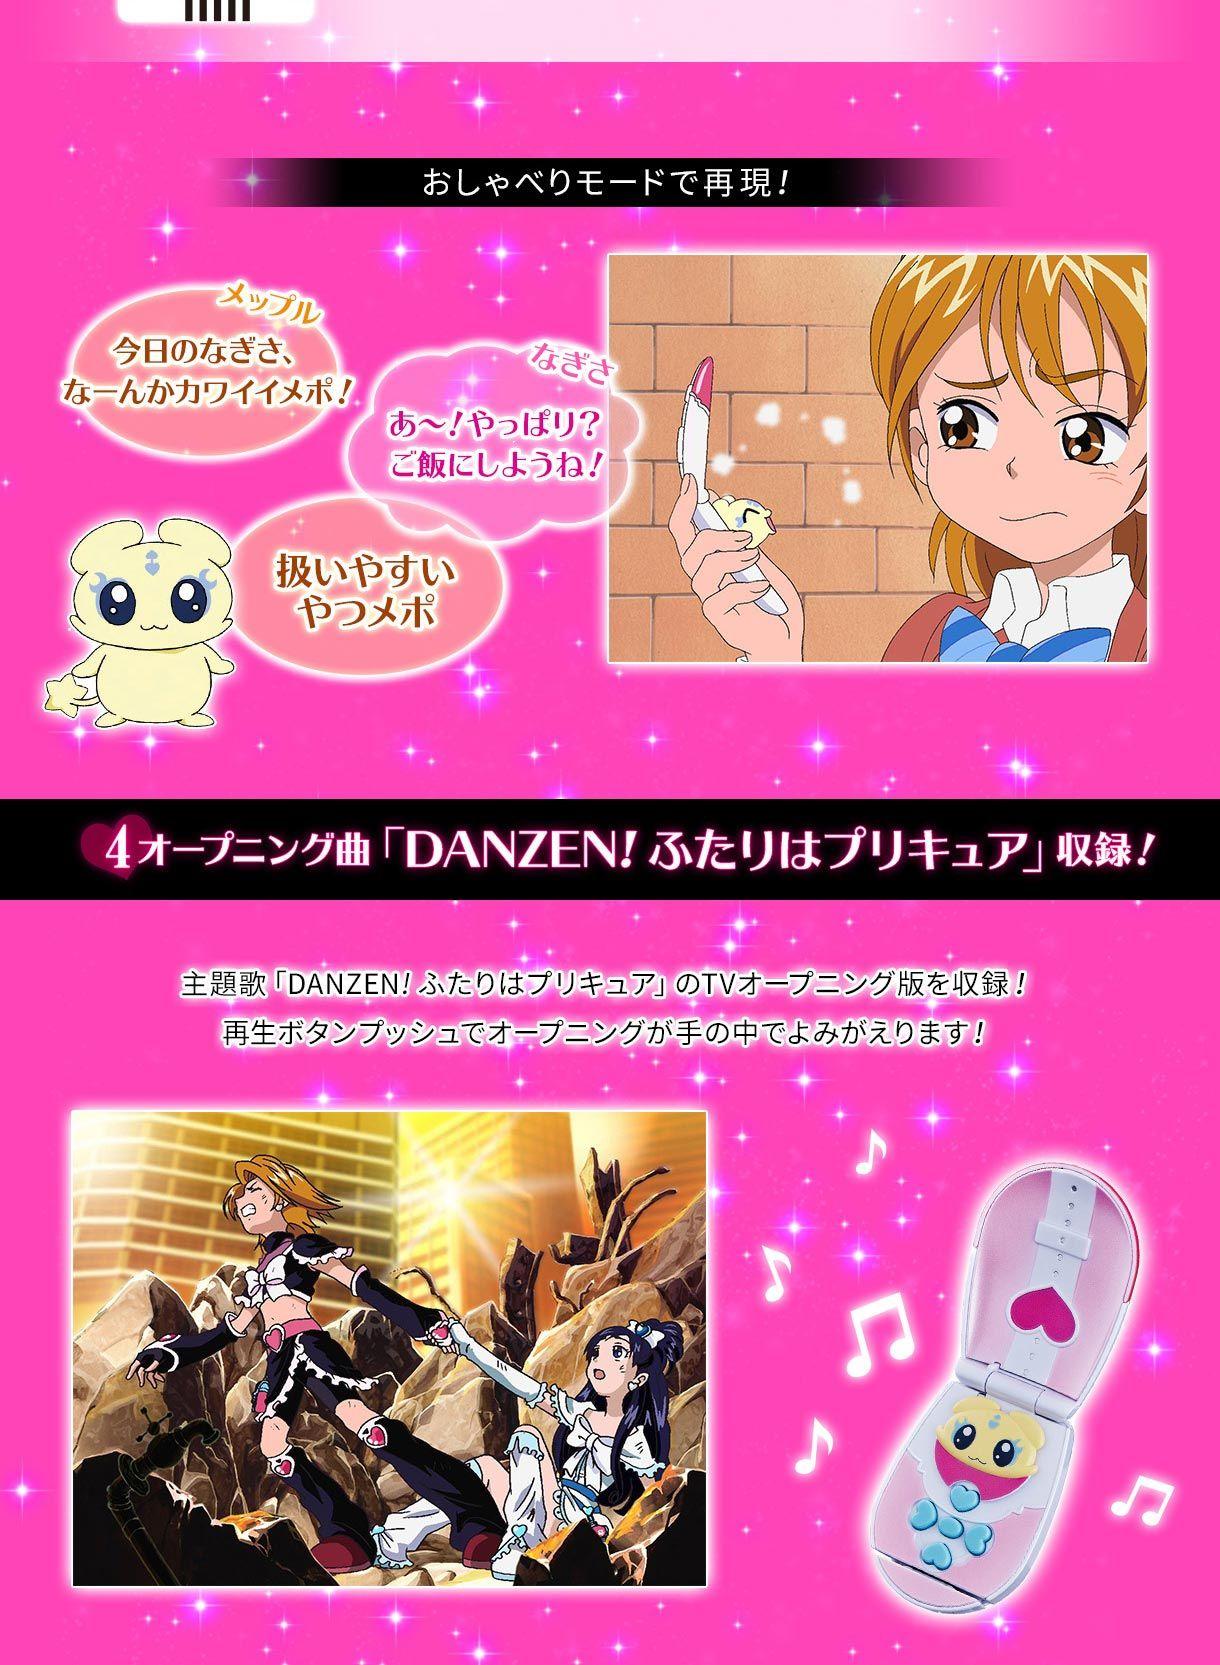 4.オープニング曲「DANZEN!ふたりはプリキュア」収録!